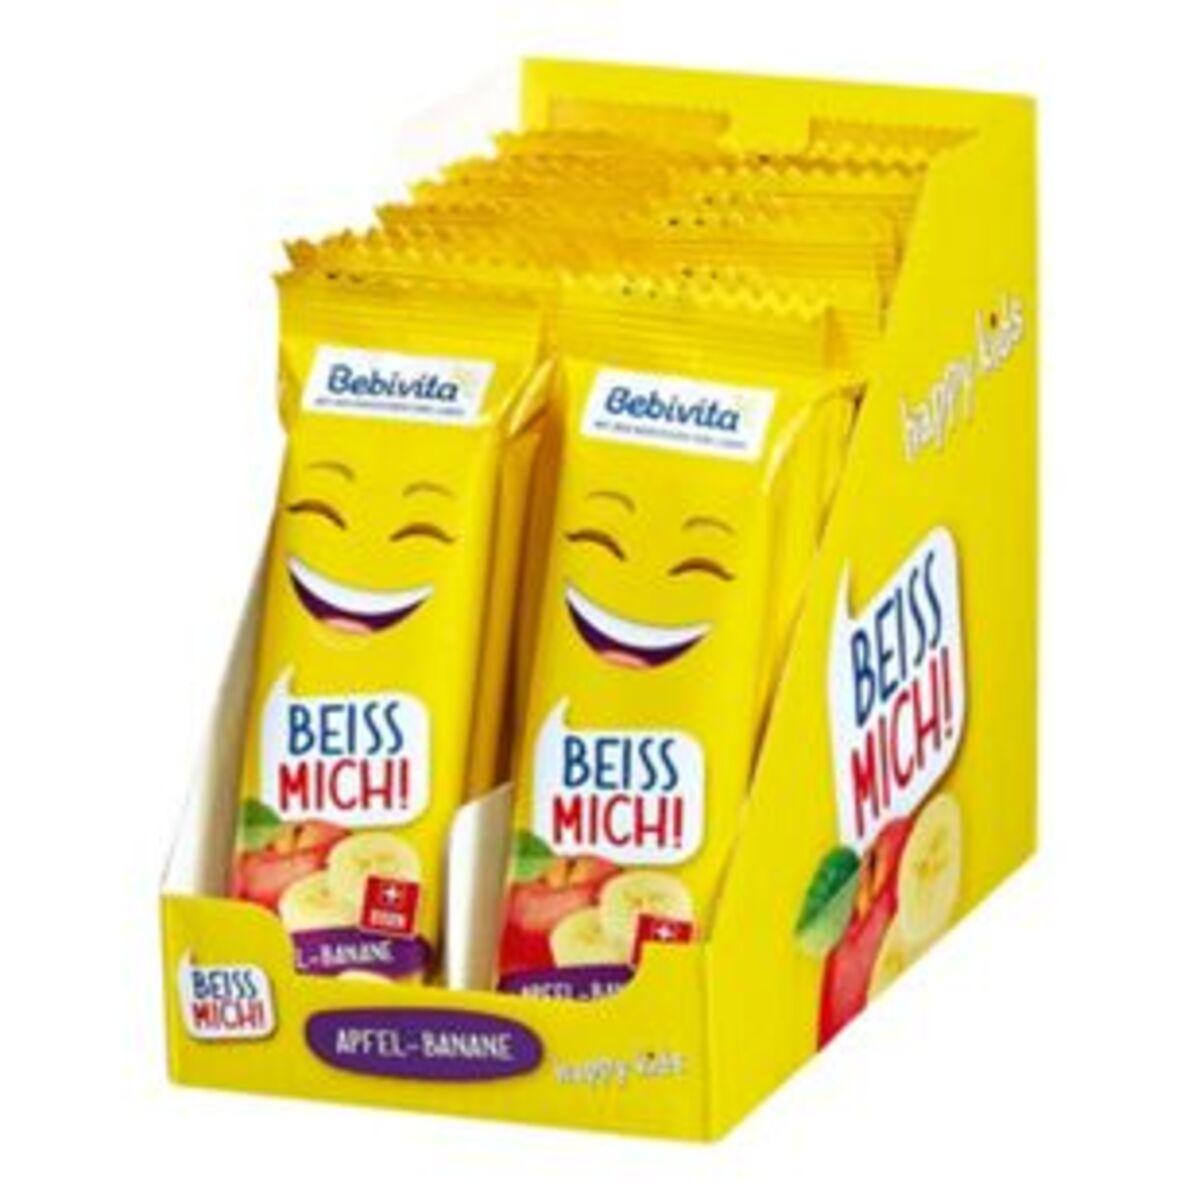 Bild 2 von Bebivita Früchte Riegel Apfel Banane 25 g, 20er Pack